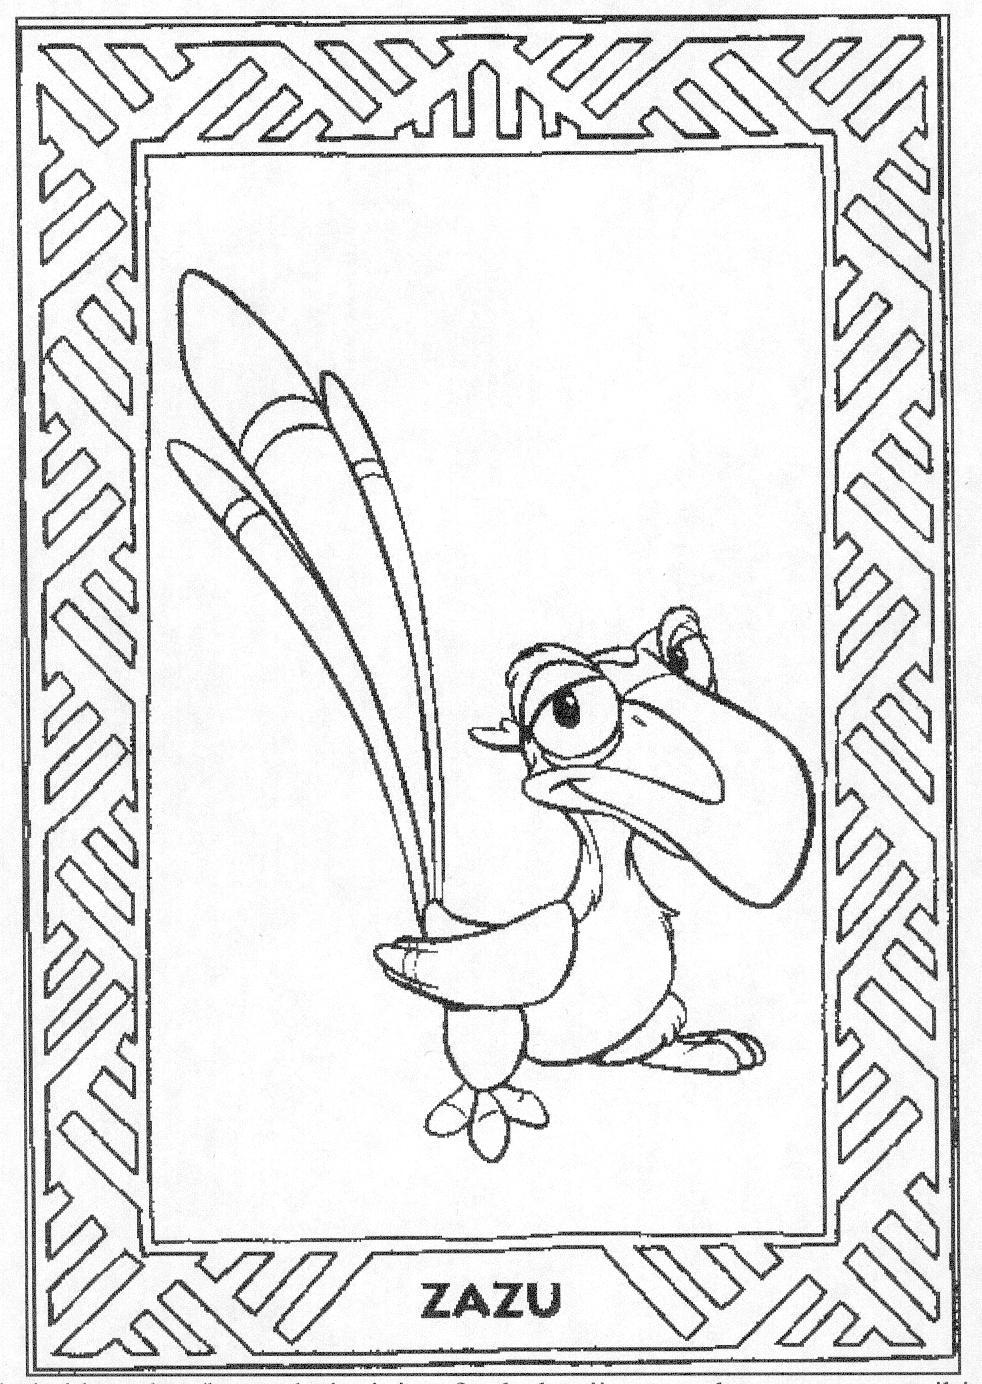 Der konig der lowen ausmalbilder